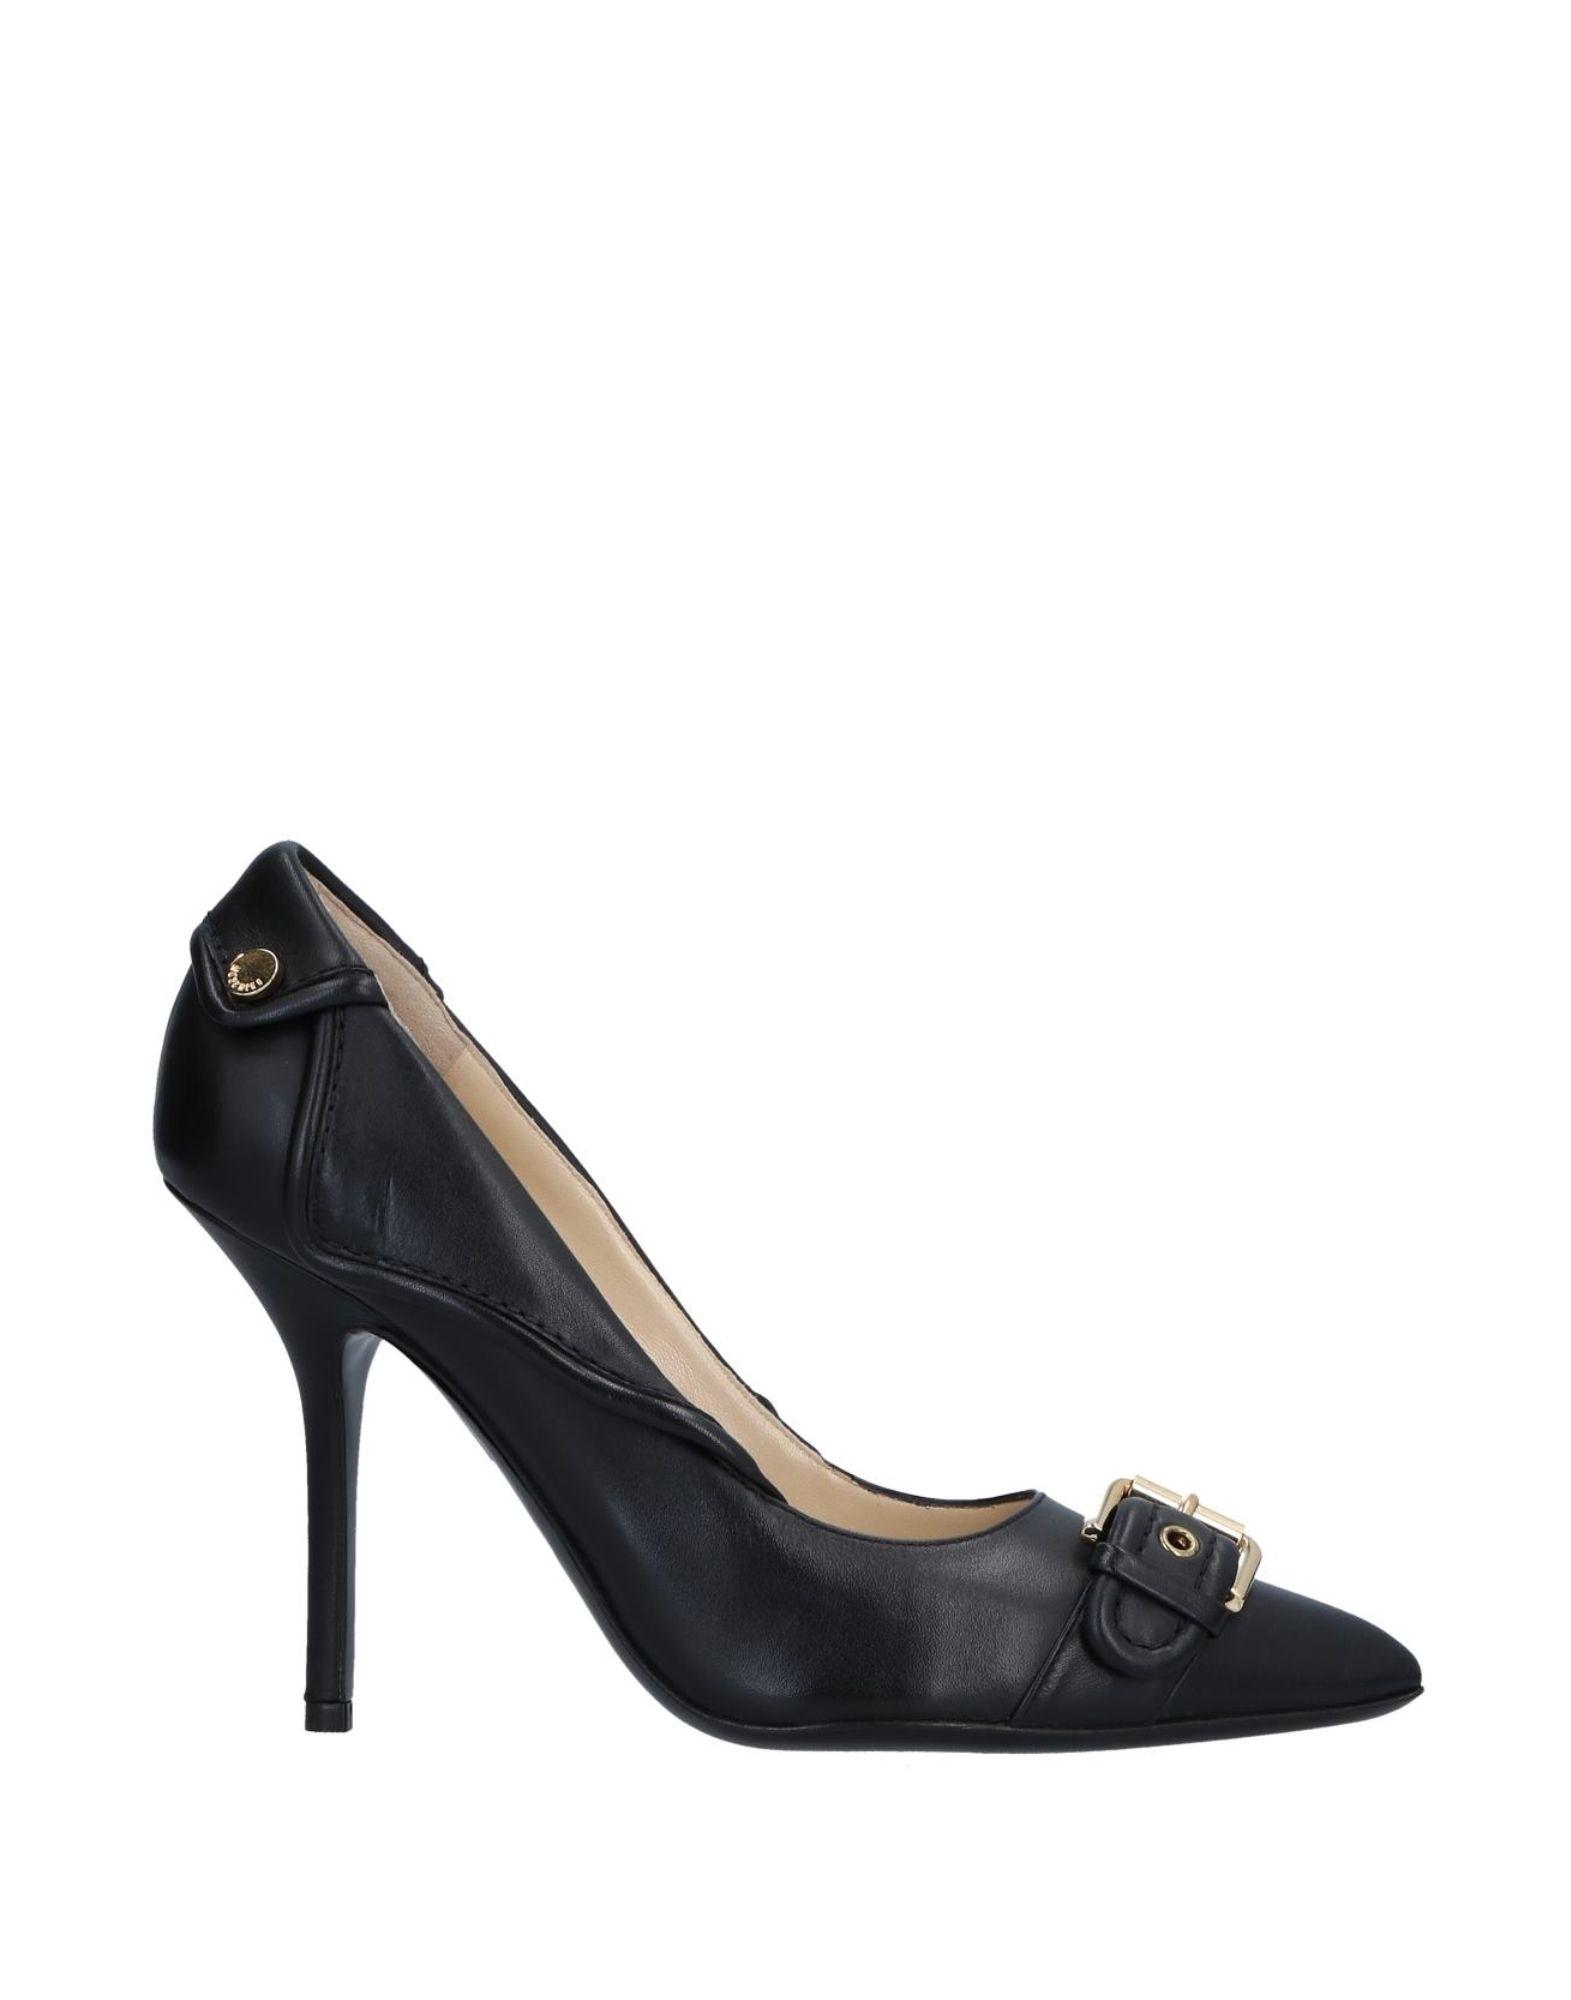 Rabatt Schuhe 11535919CU Moschino Pumps Damen  11535919CU Schuhe 114113